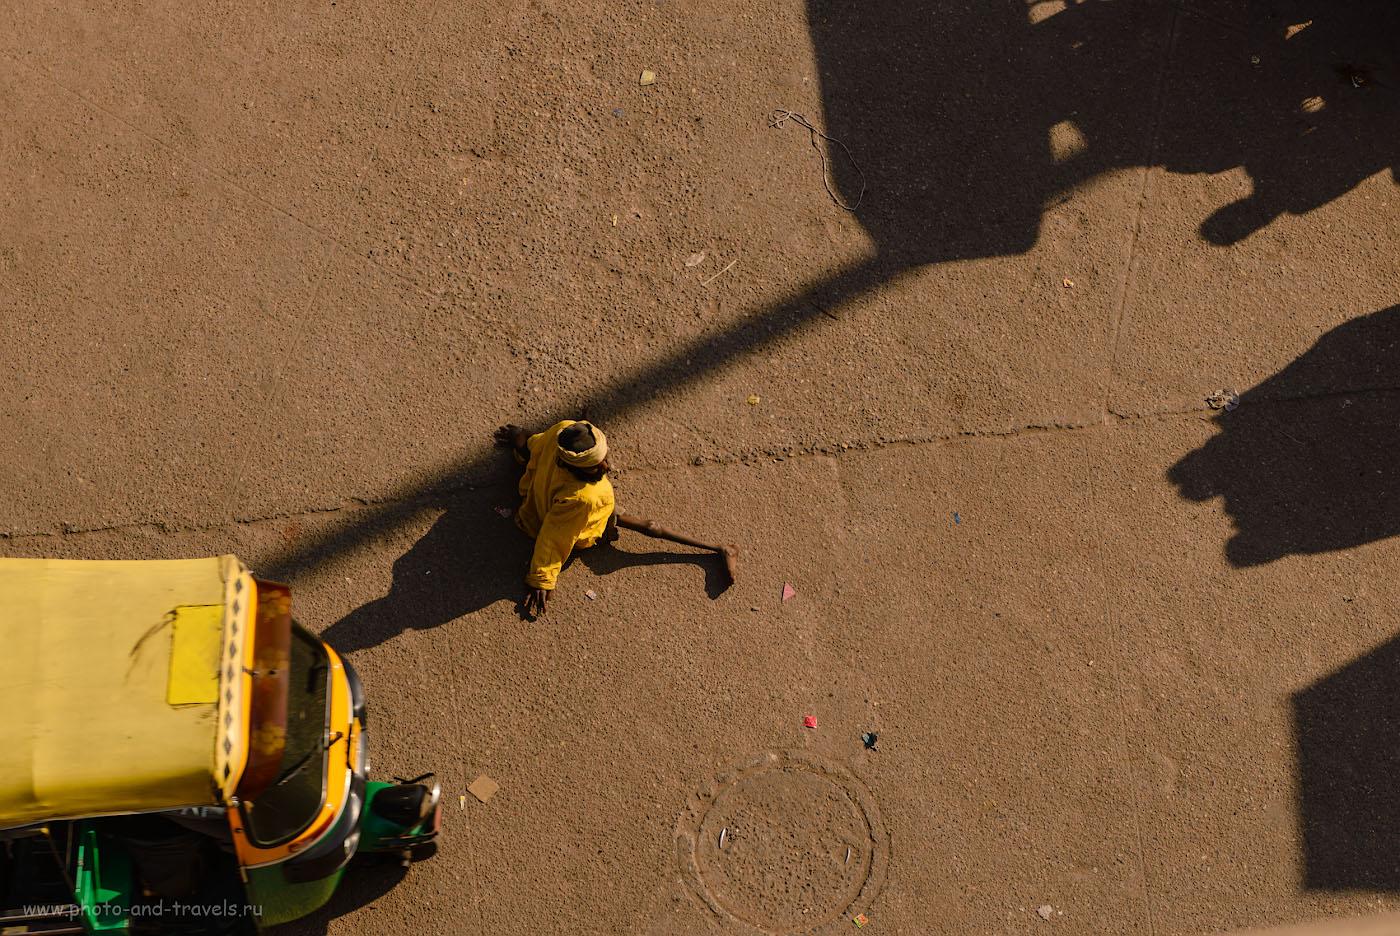 Фотография 30. Отправляясь в Индию, нужно знать, как вести себя с бесчисленной армией калек, попрошаек, торговцев и таксистов.